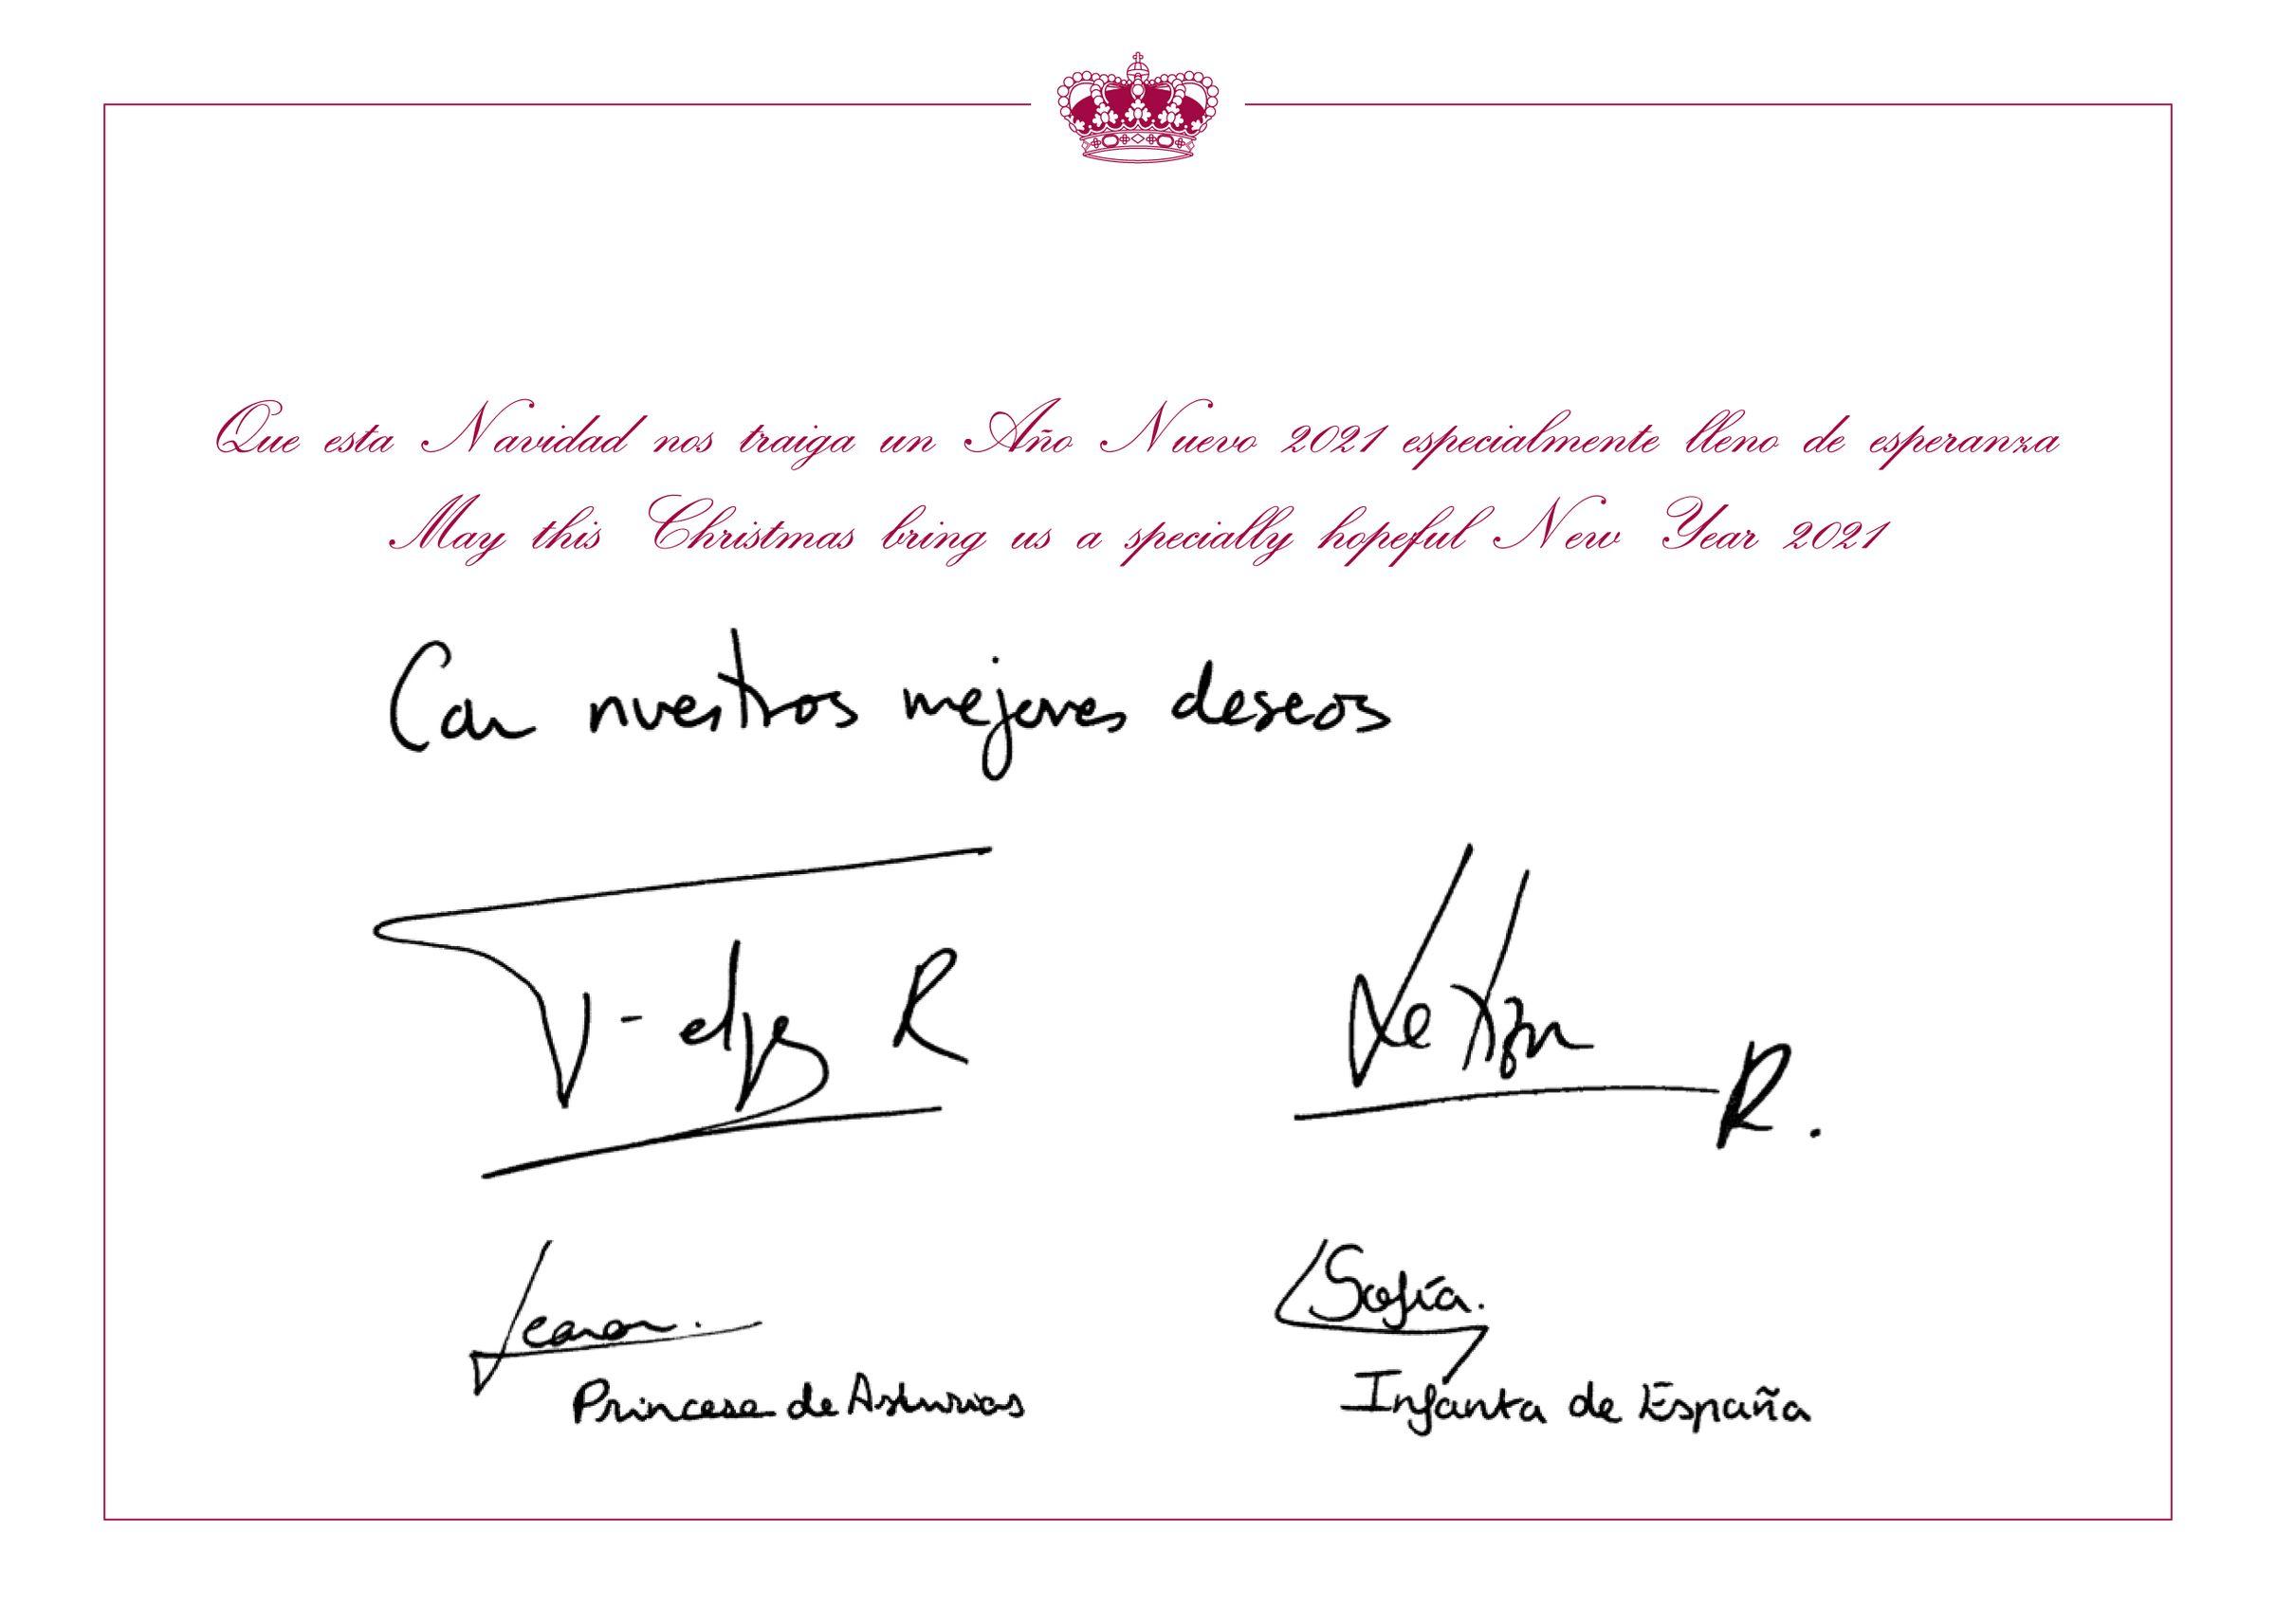 Felicitación de Navidad de Sus Majestades los Reyes